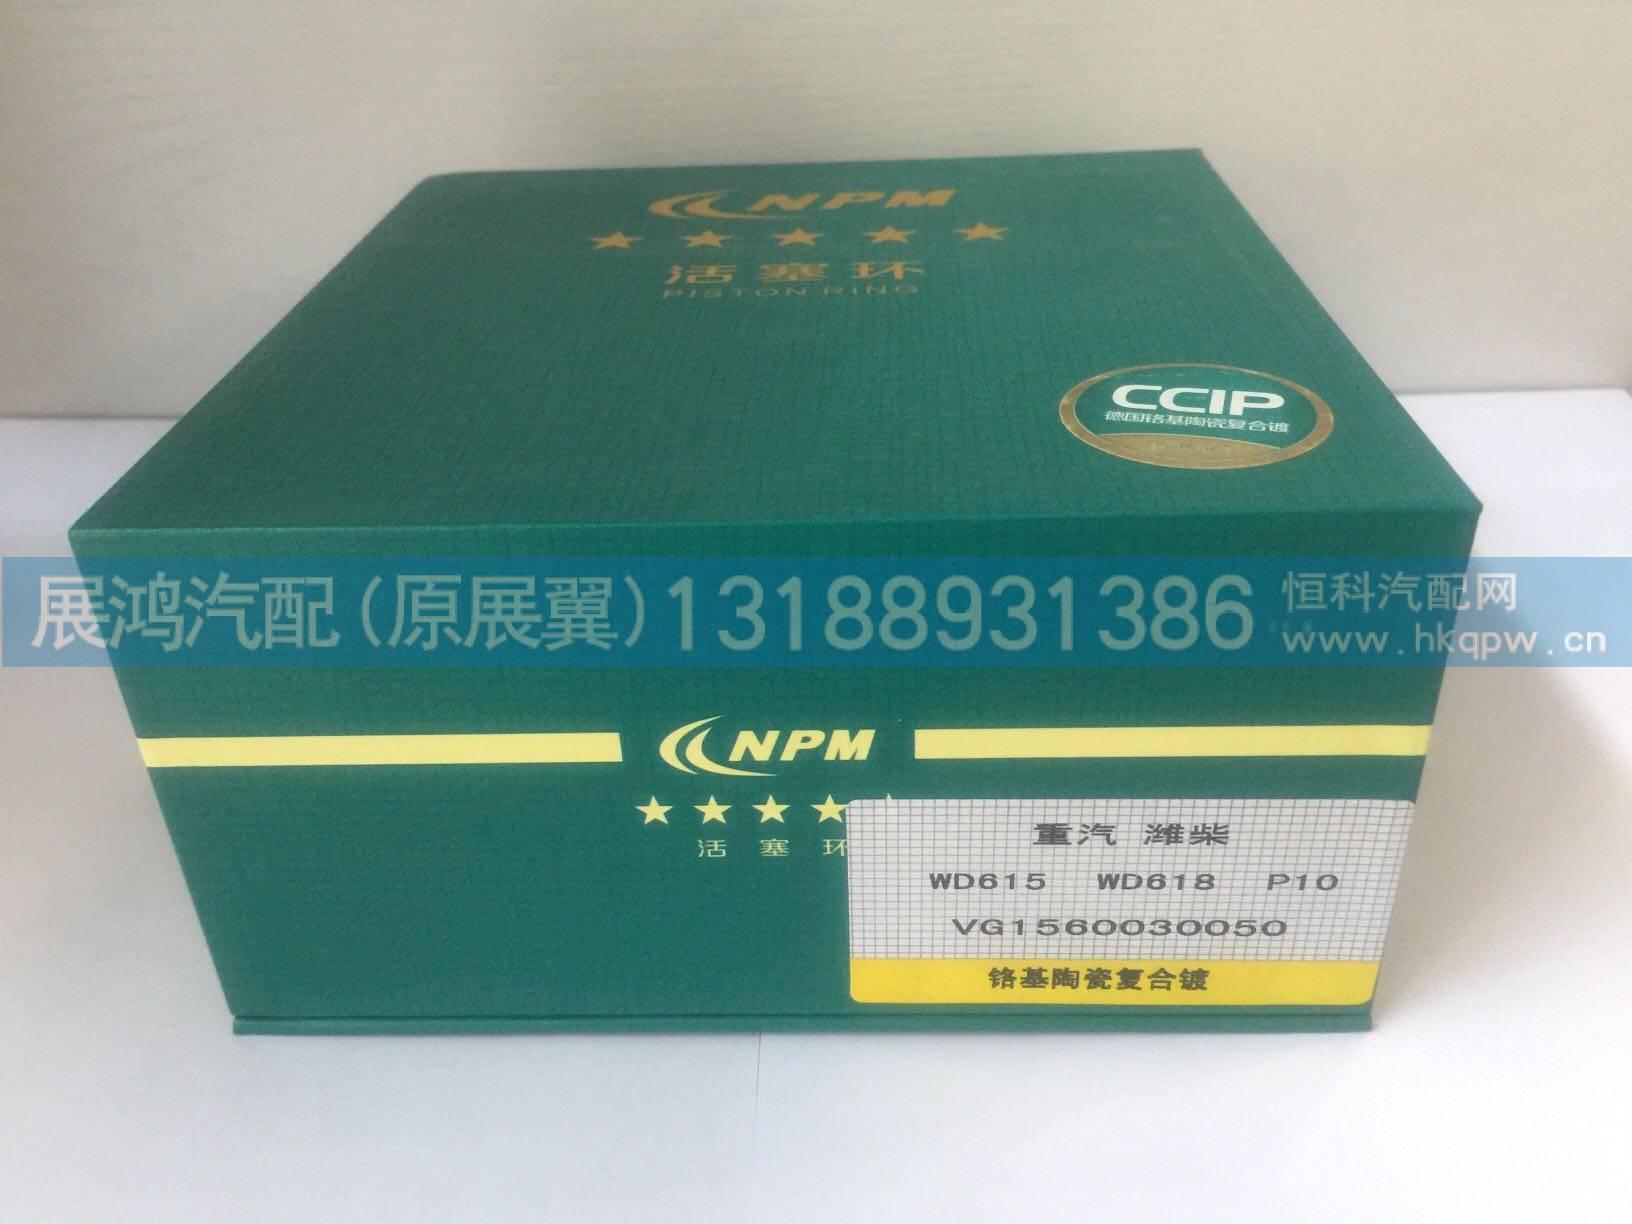 原厂配套活塞环/VG1560030050